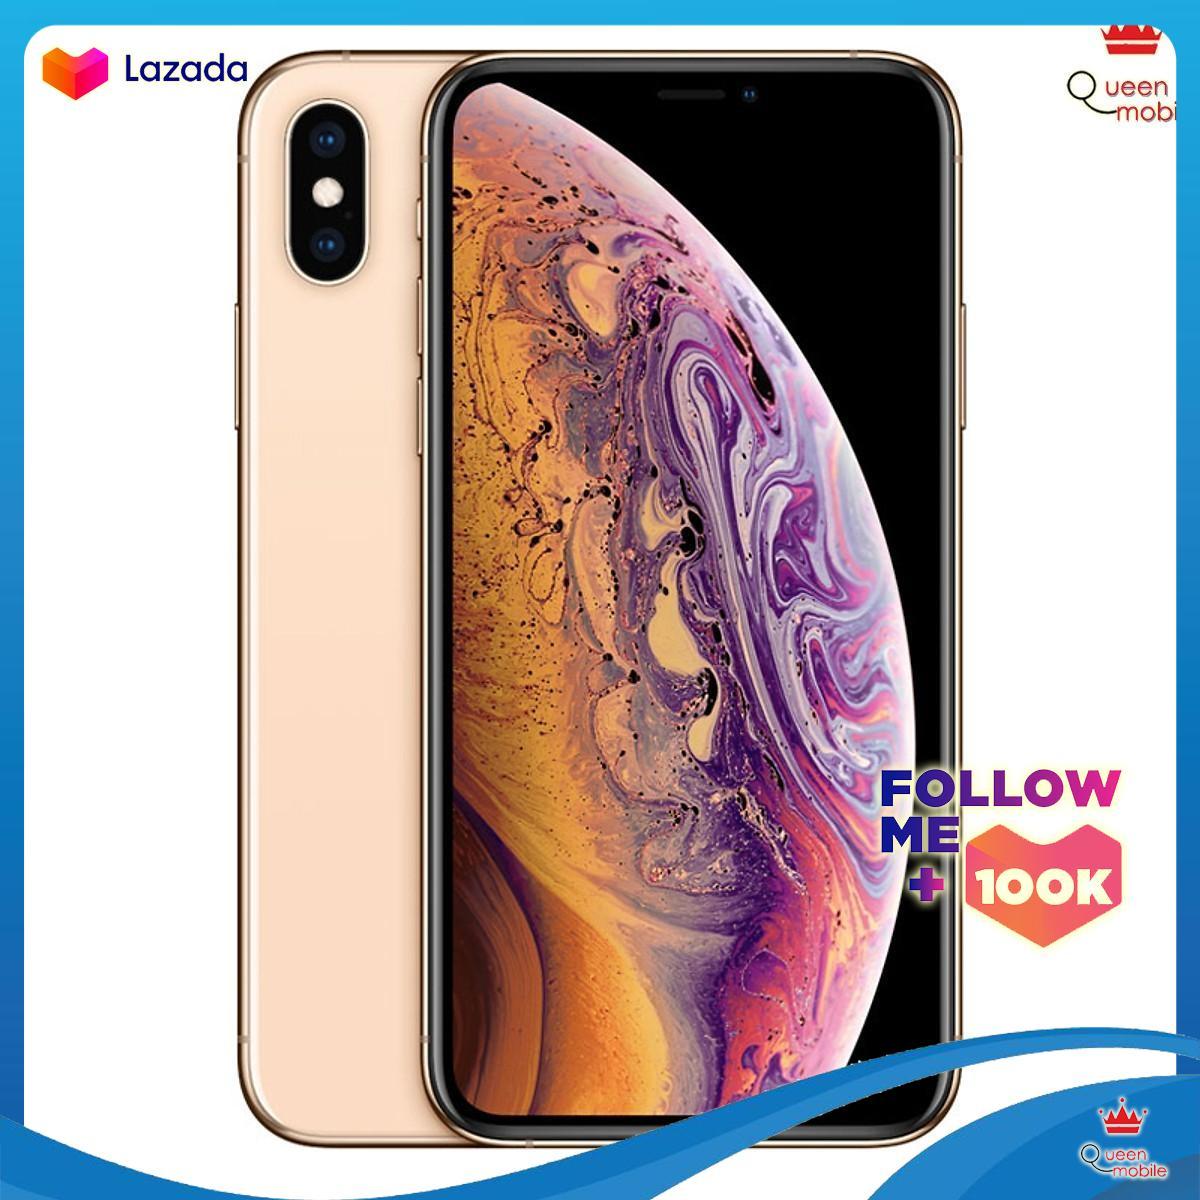 Điện Thoại iPhone XS 256GB - Hàng Nhập Khẩu - Gold